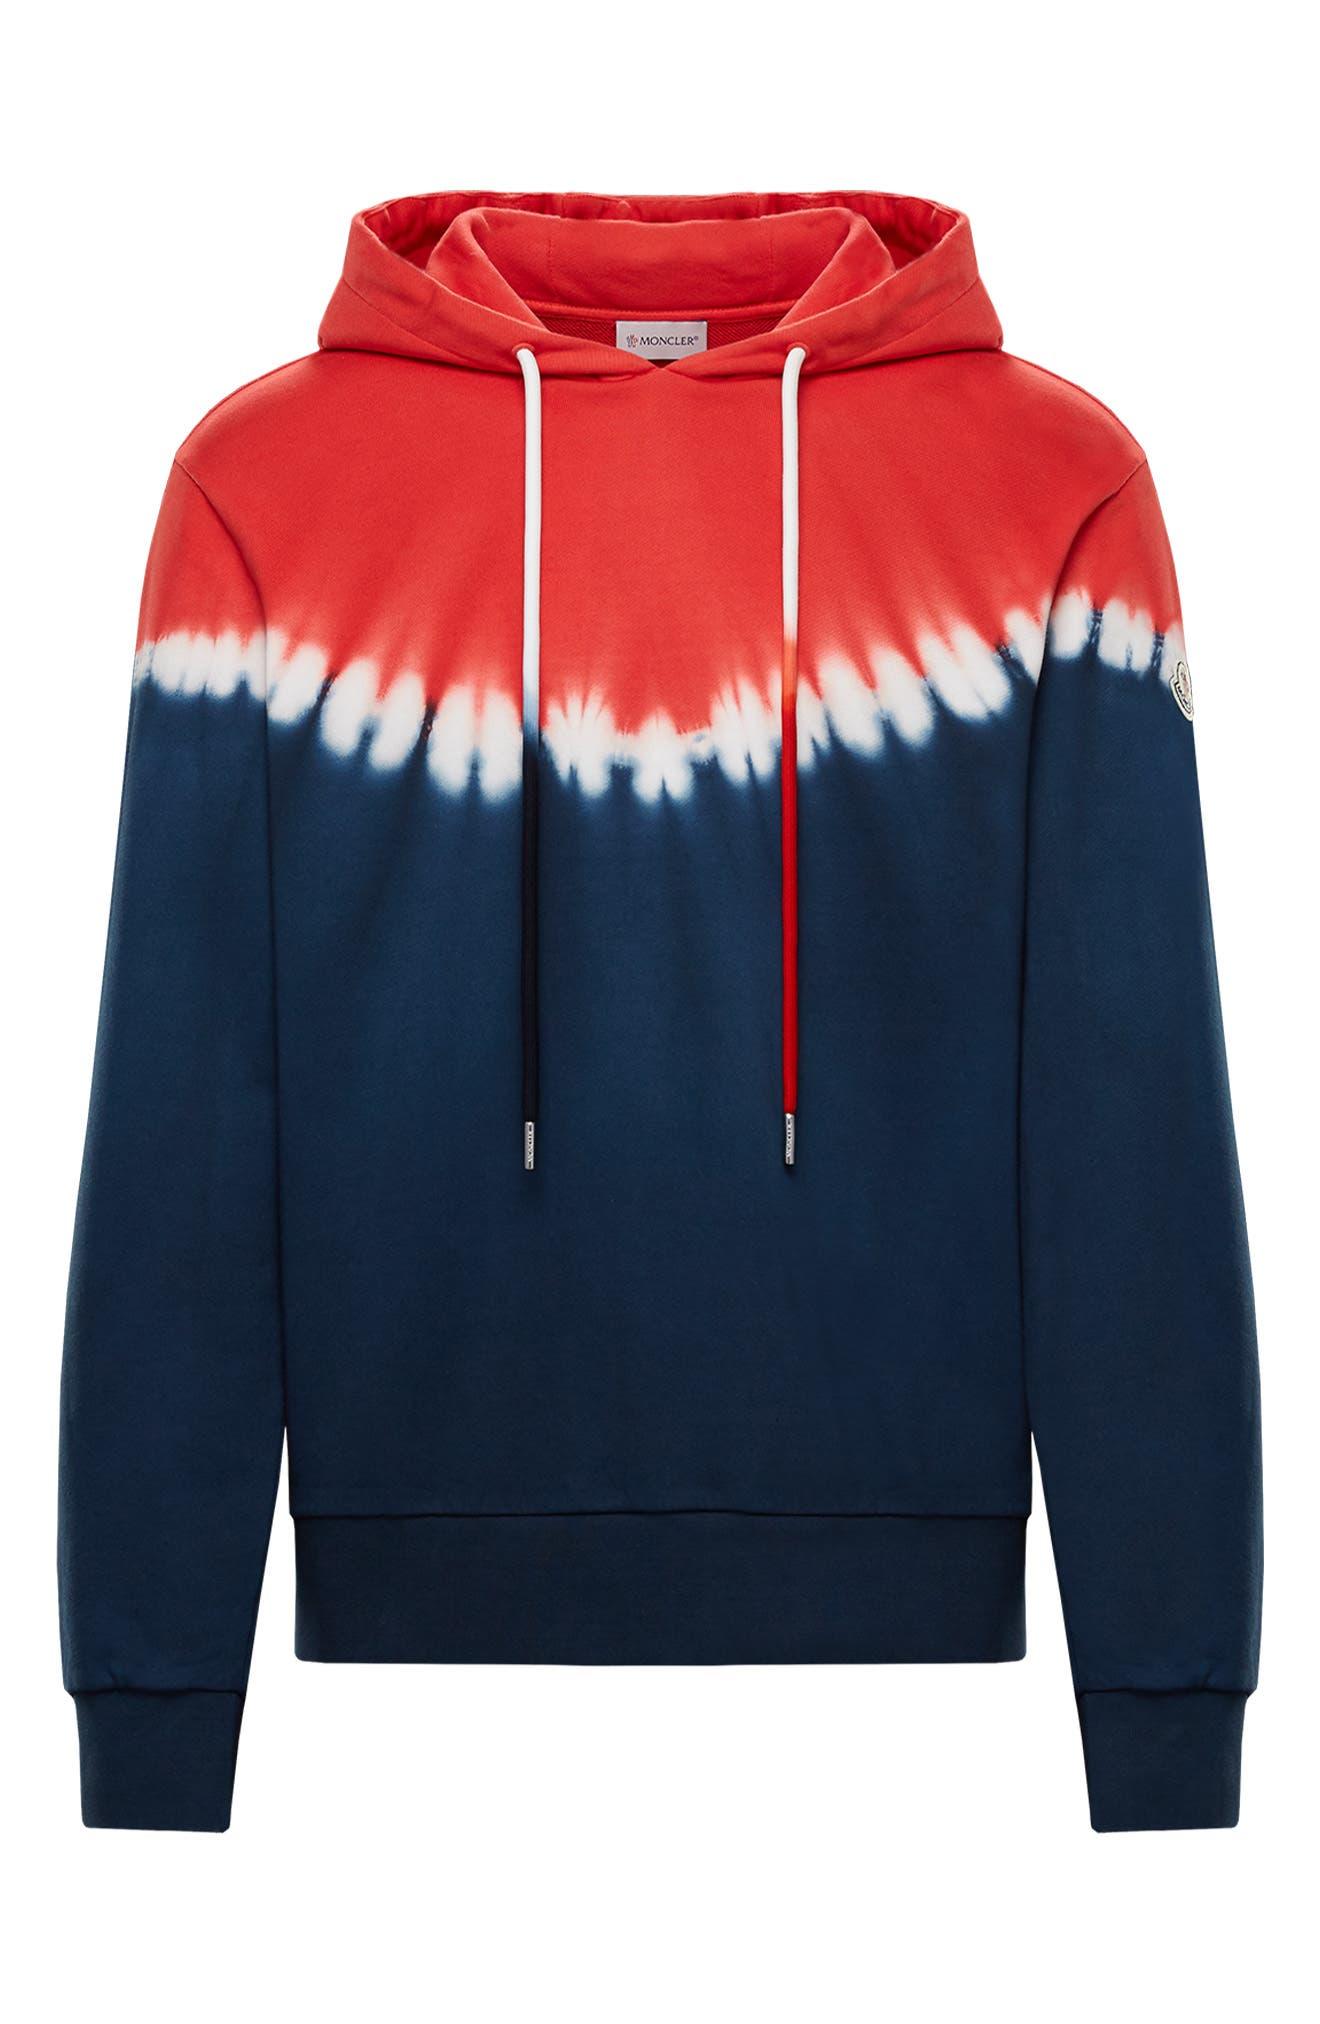 Designer Sweatshirts & Hoodies for Men | Nordstrom